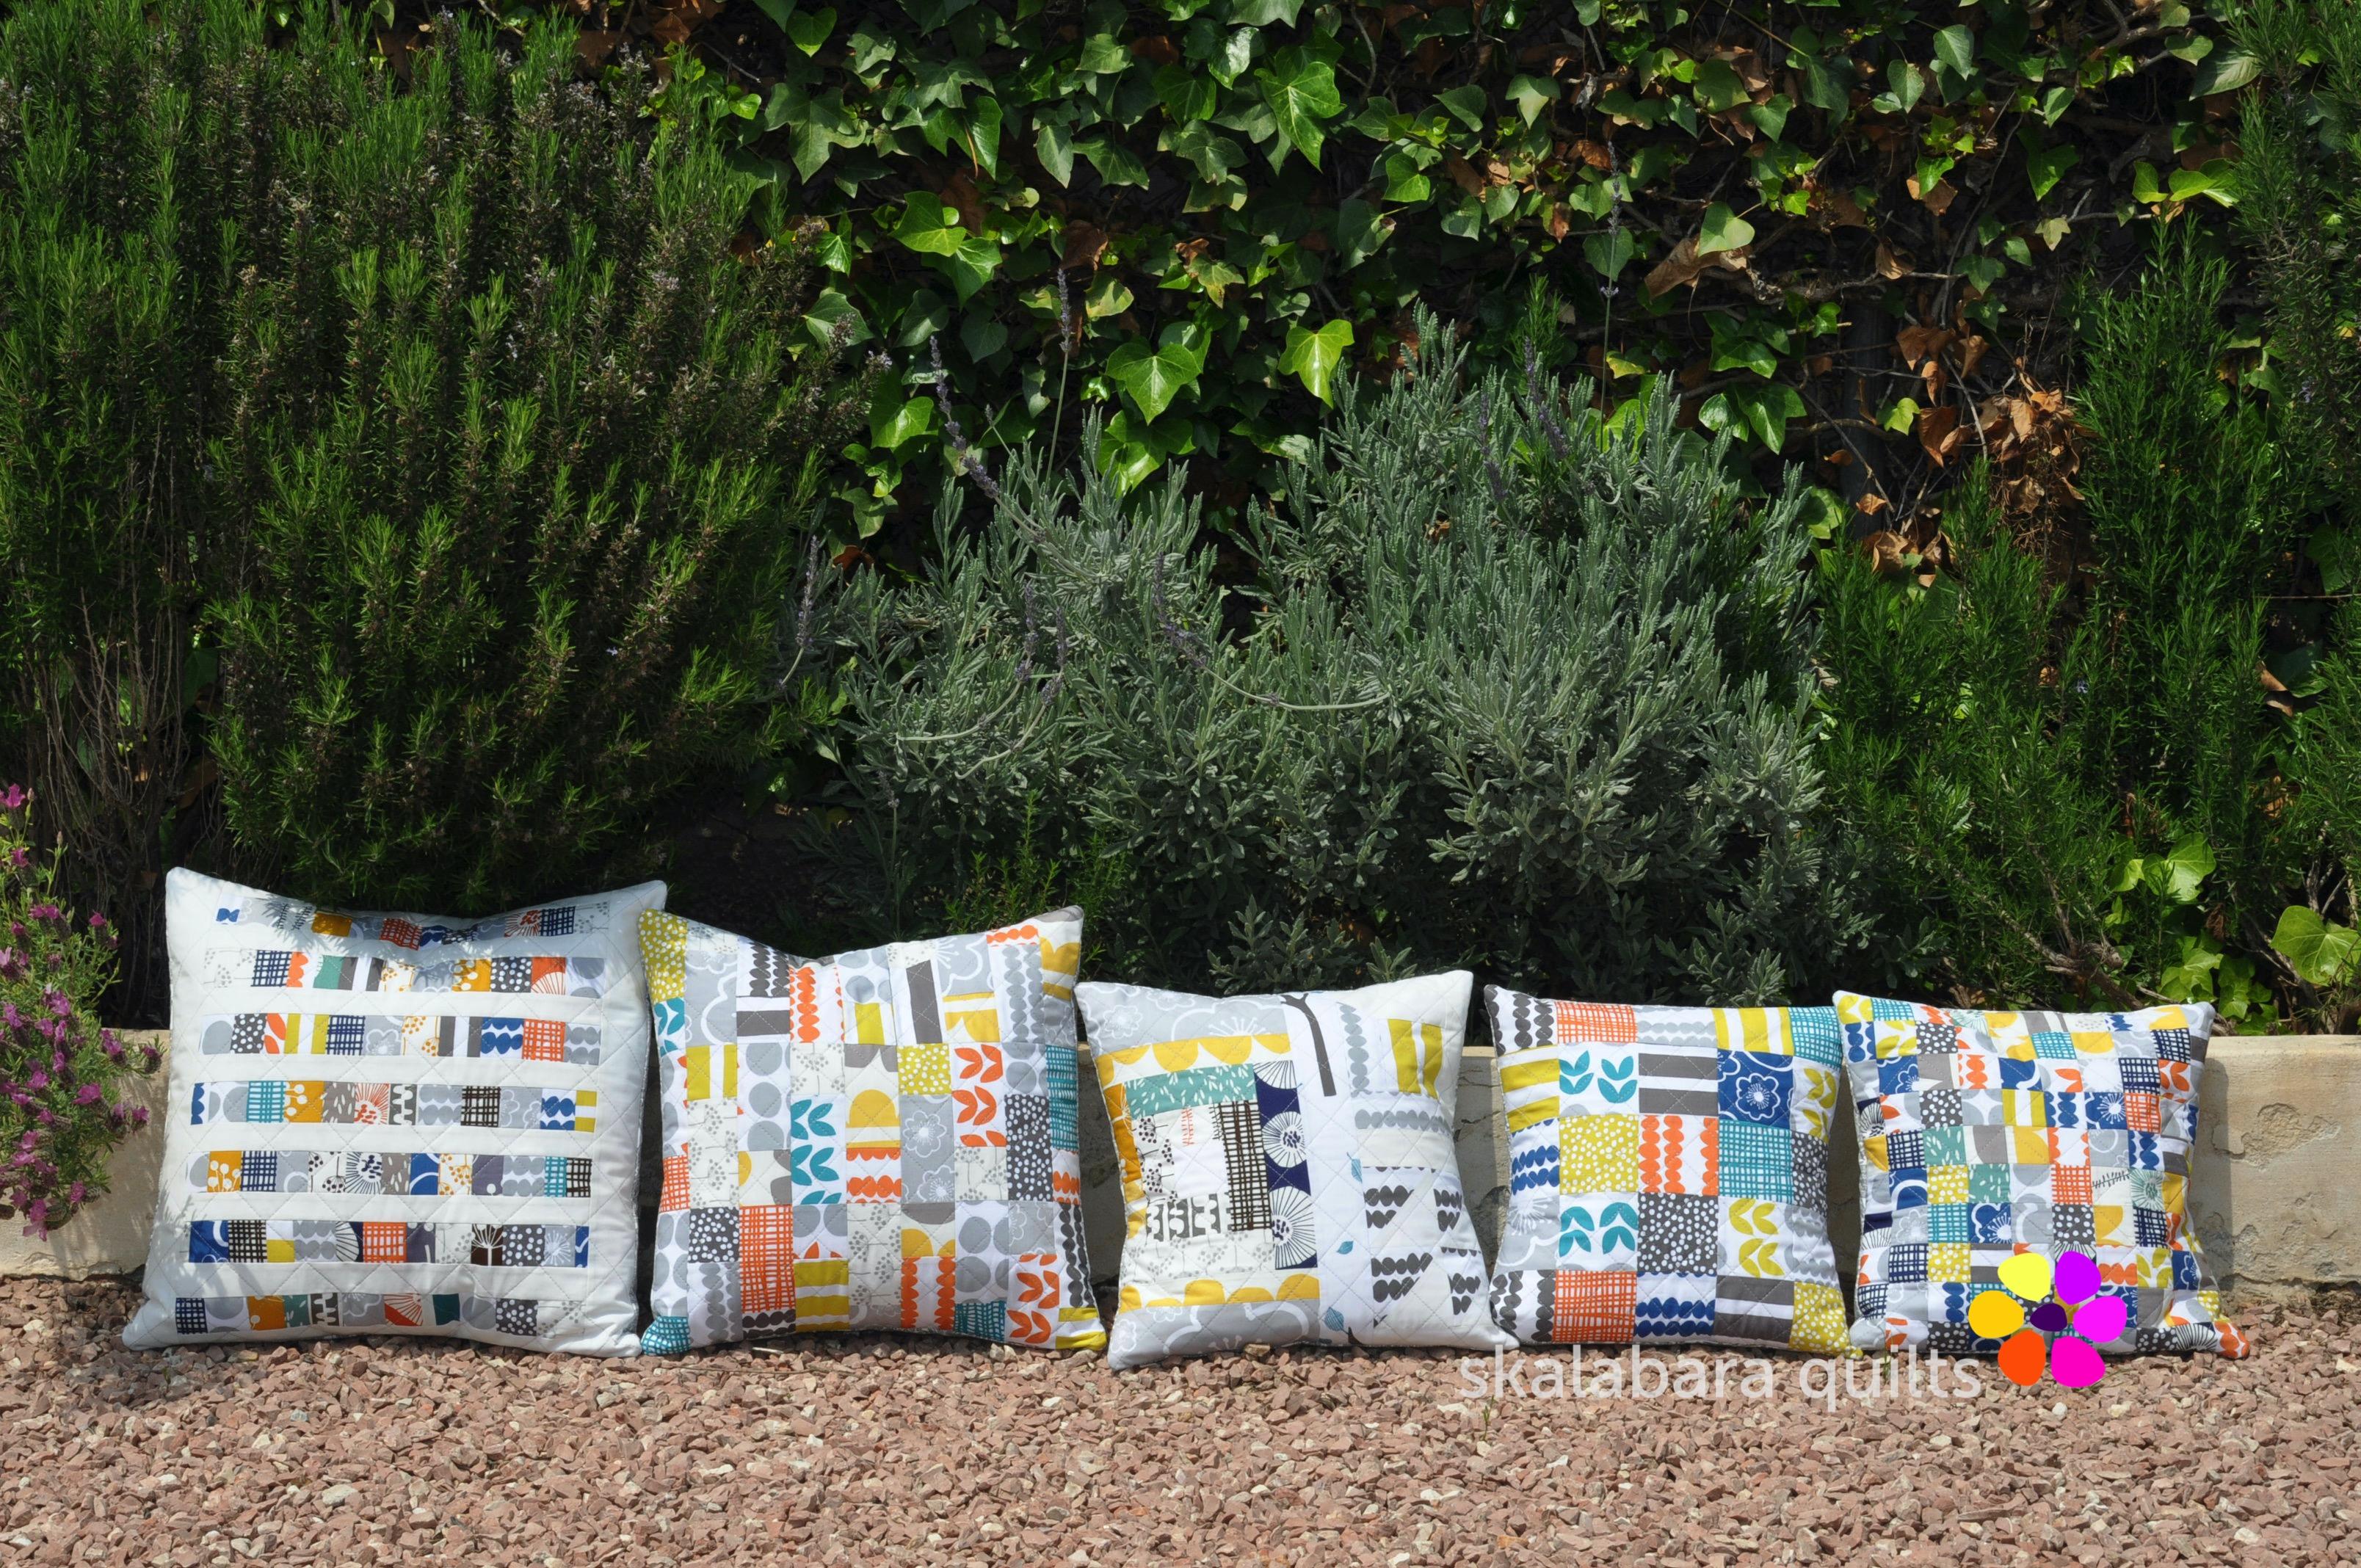 bella cushion covers 1 - skalabara quilts